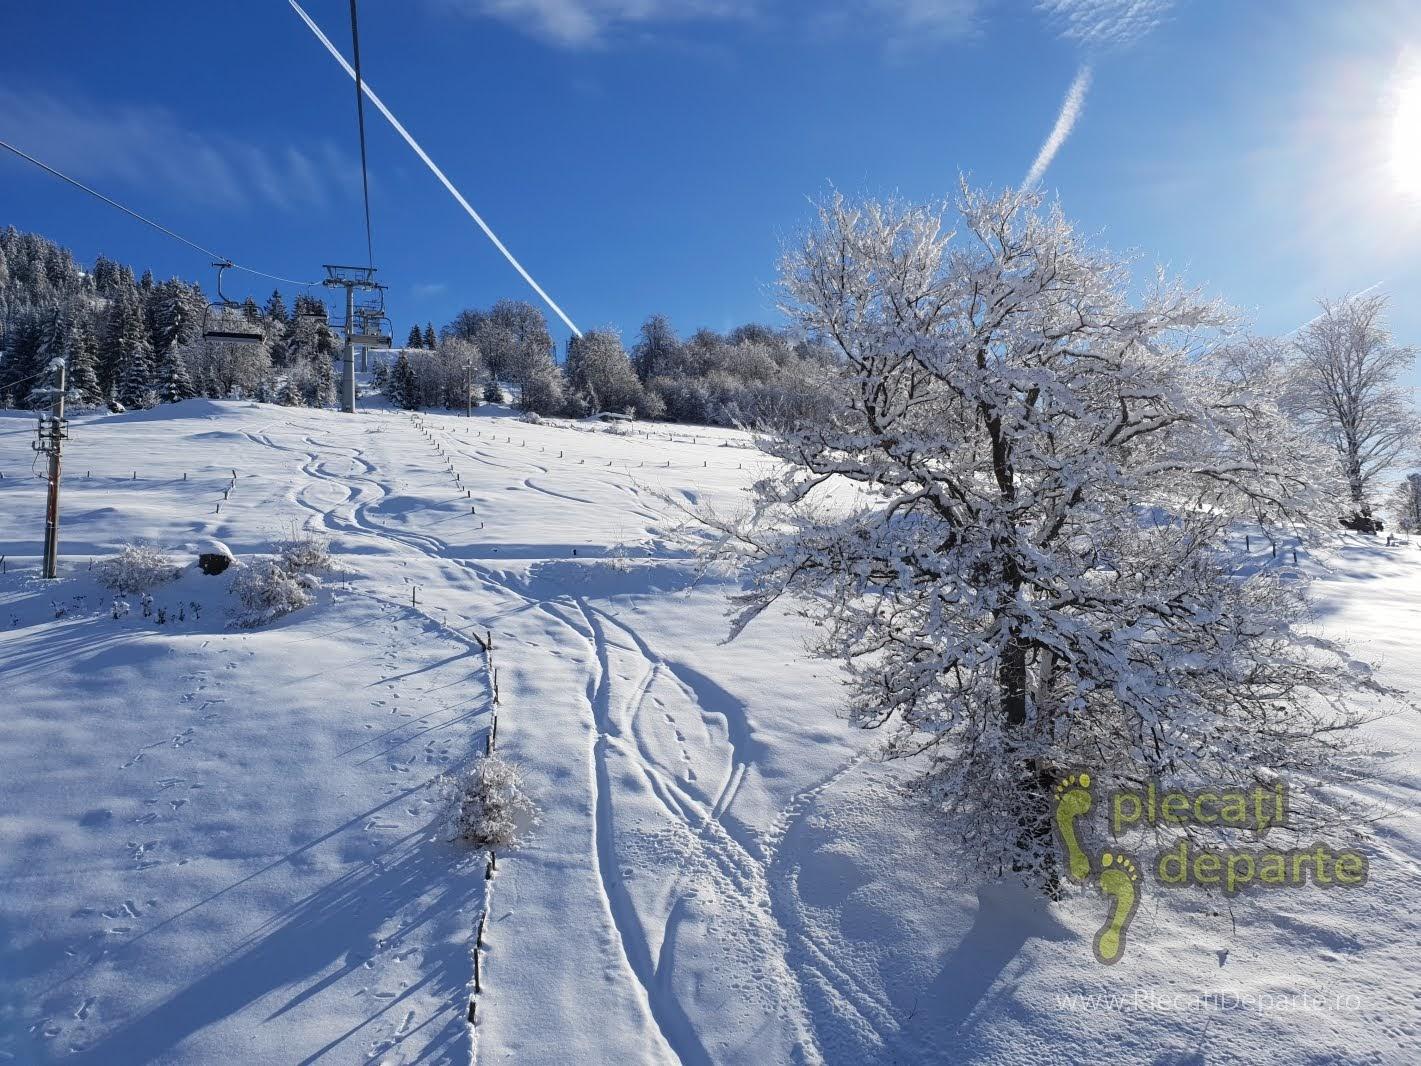 Zapada proaspata pe o posibila partie de ski, pe sub telescaunul nou, care pleaca de la Hotel Rusu, din Parang, in 2019